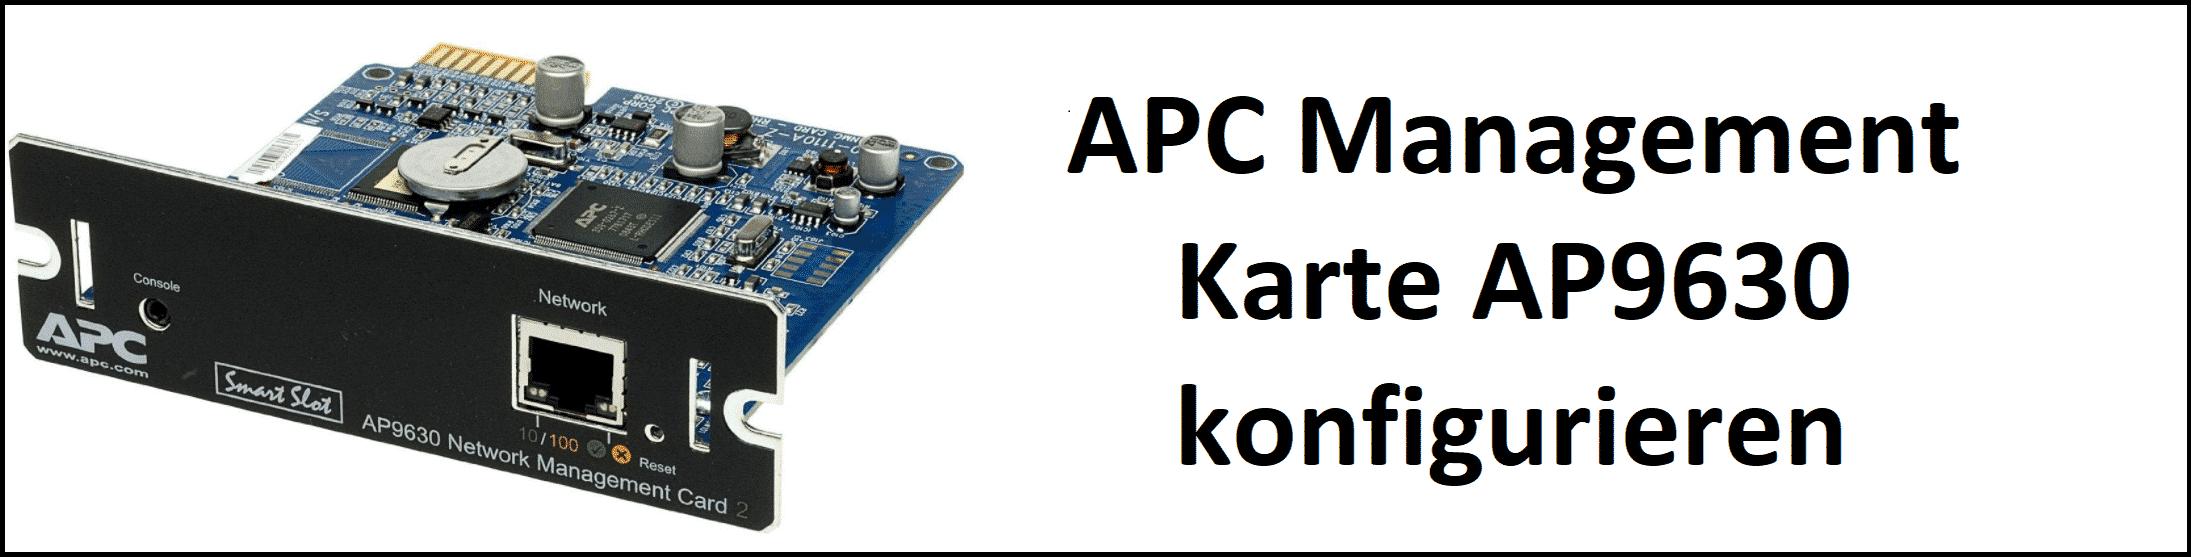 APC Management Karte AP9630 konfigurieren